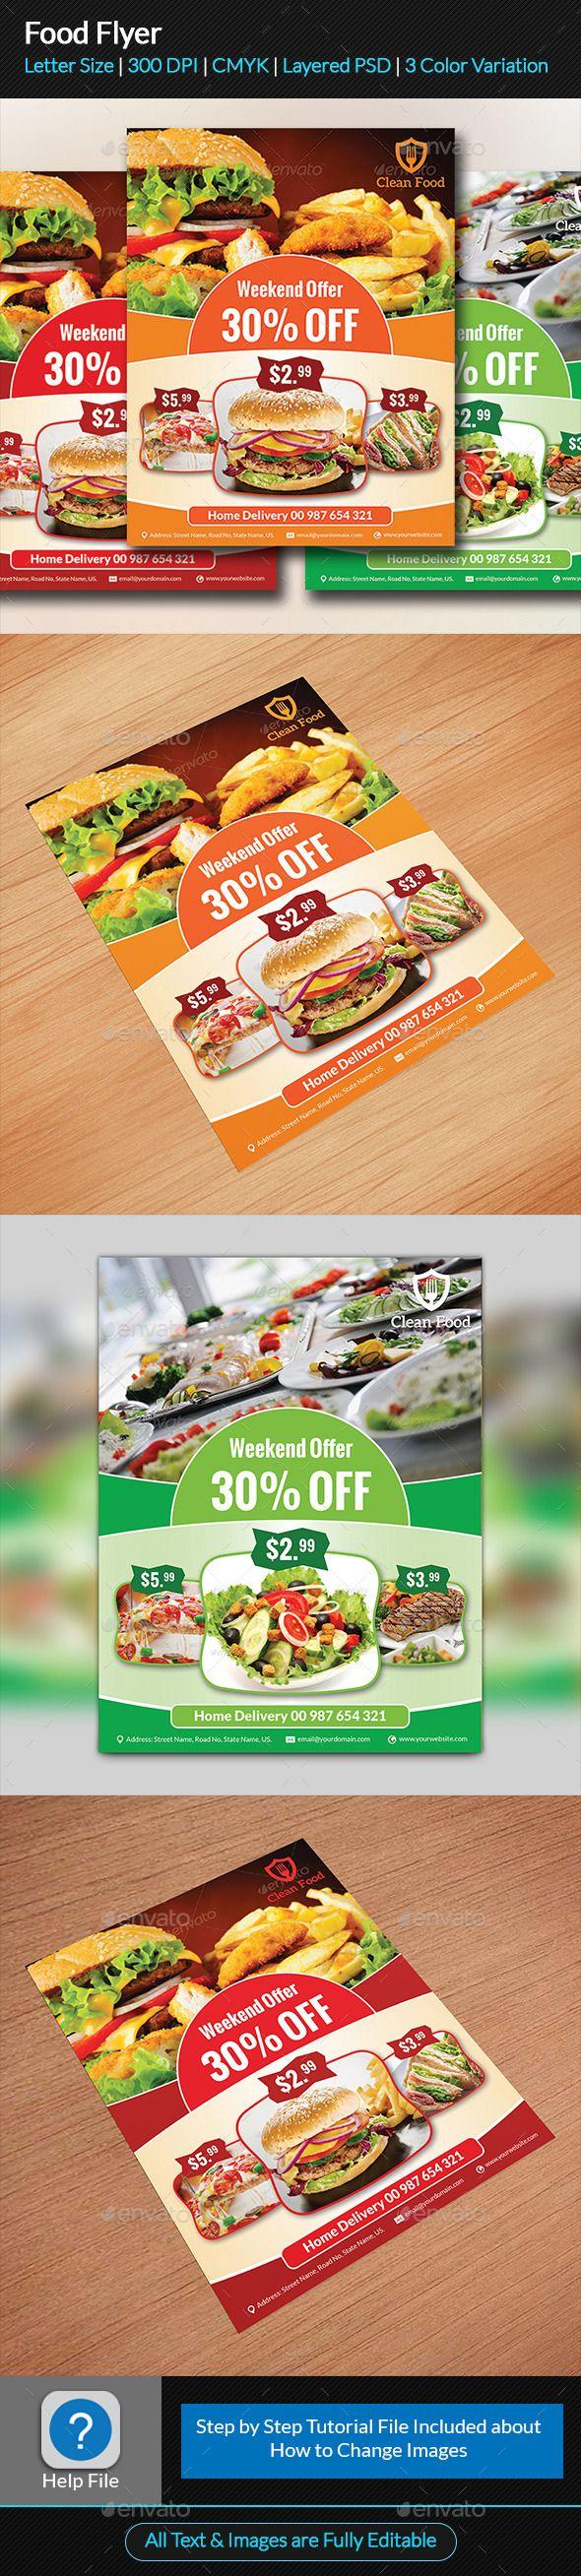 food flyer flyer template leaflet design and restaurant branding